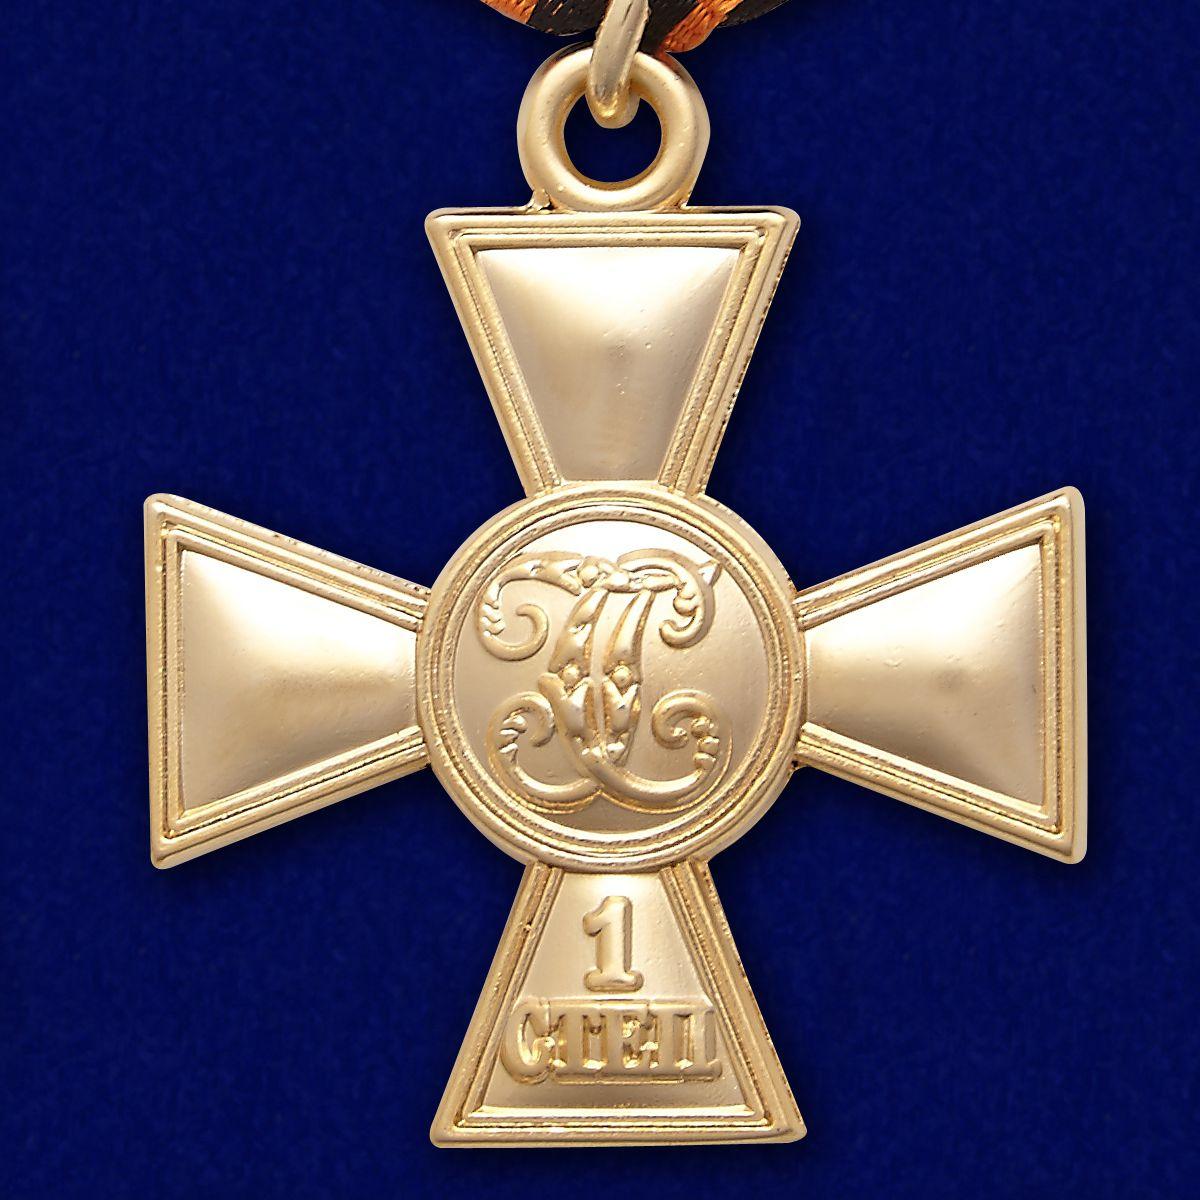 Георгиевский крест I степени - оборотная сторона